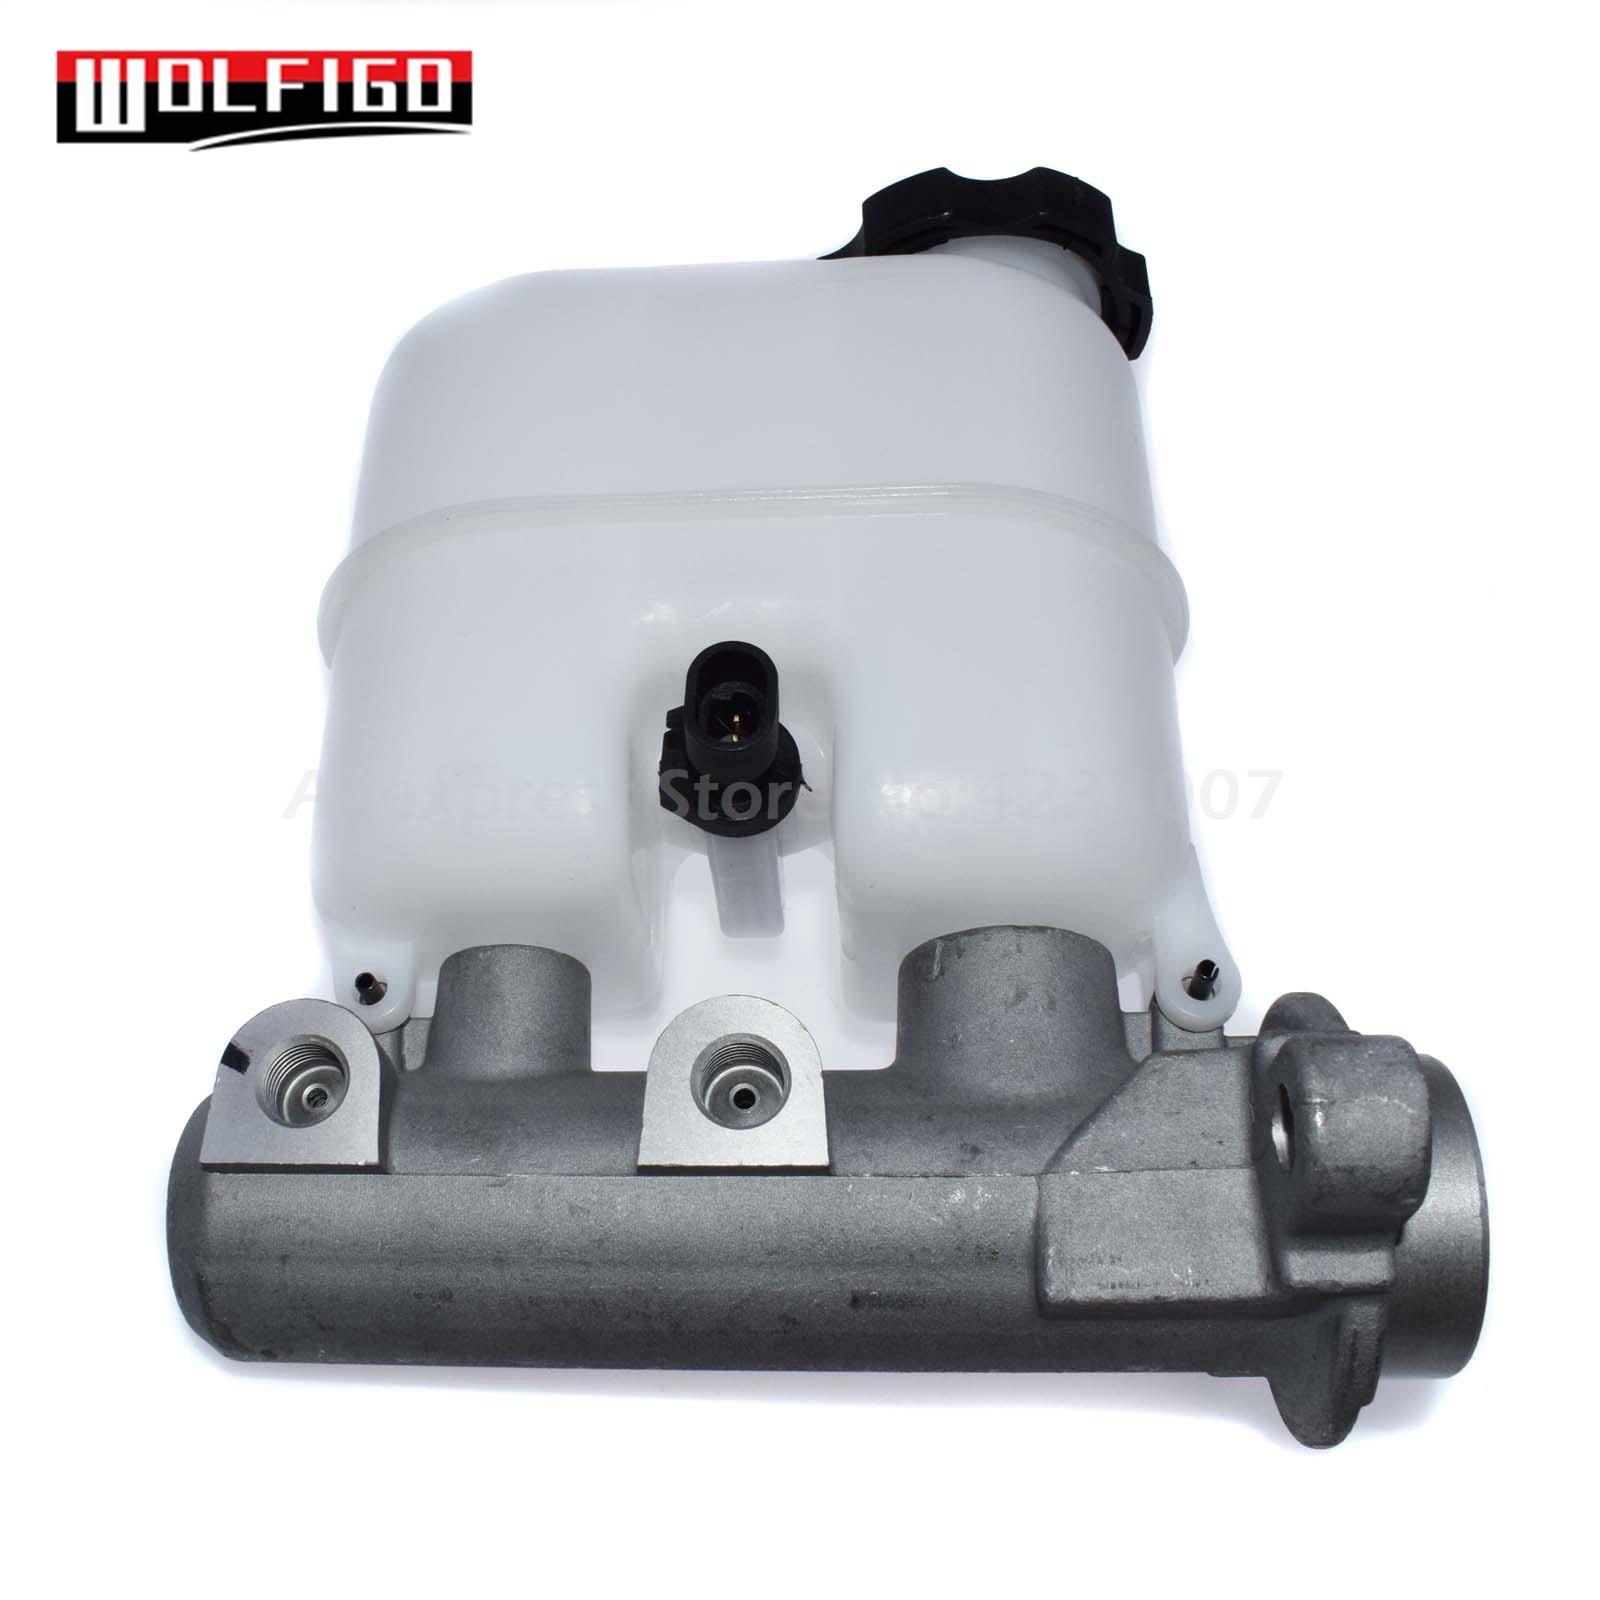 WOLFIGO nouveau maître-cylindre de frein avec réservoir et capteur de niveau pour chevrolet GMC Pickup 18043278,14335519, MC390542, 18043278, 18060790